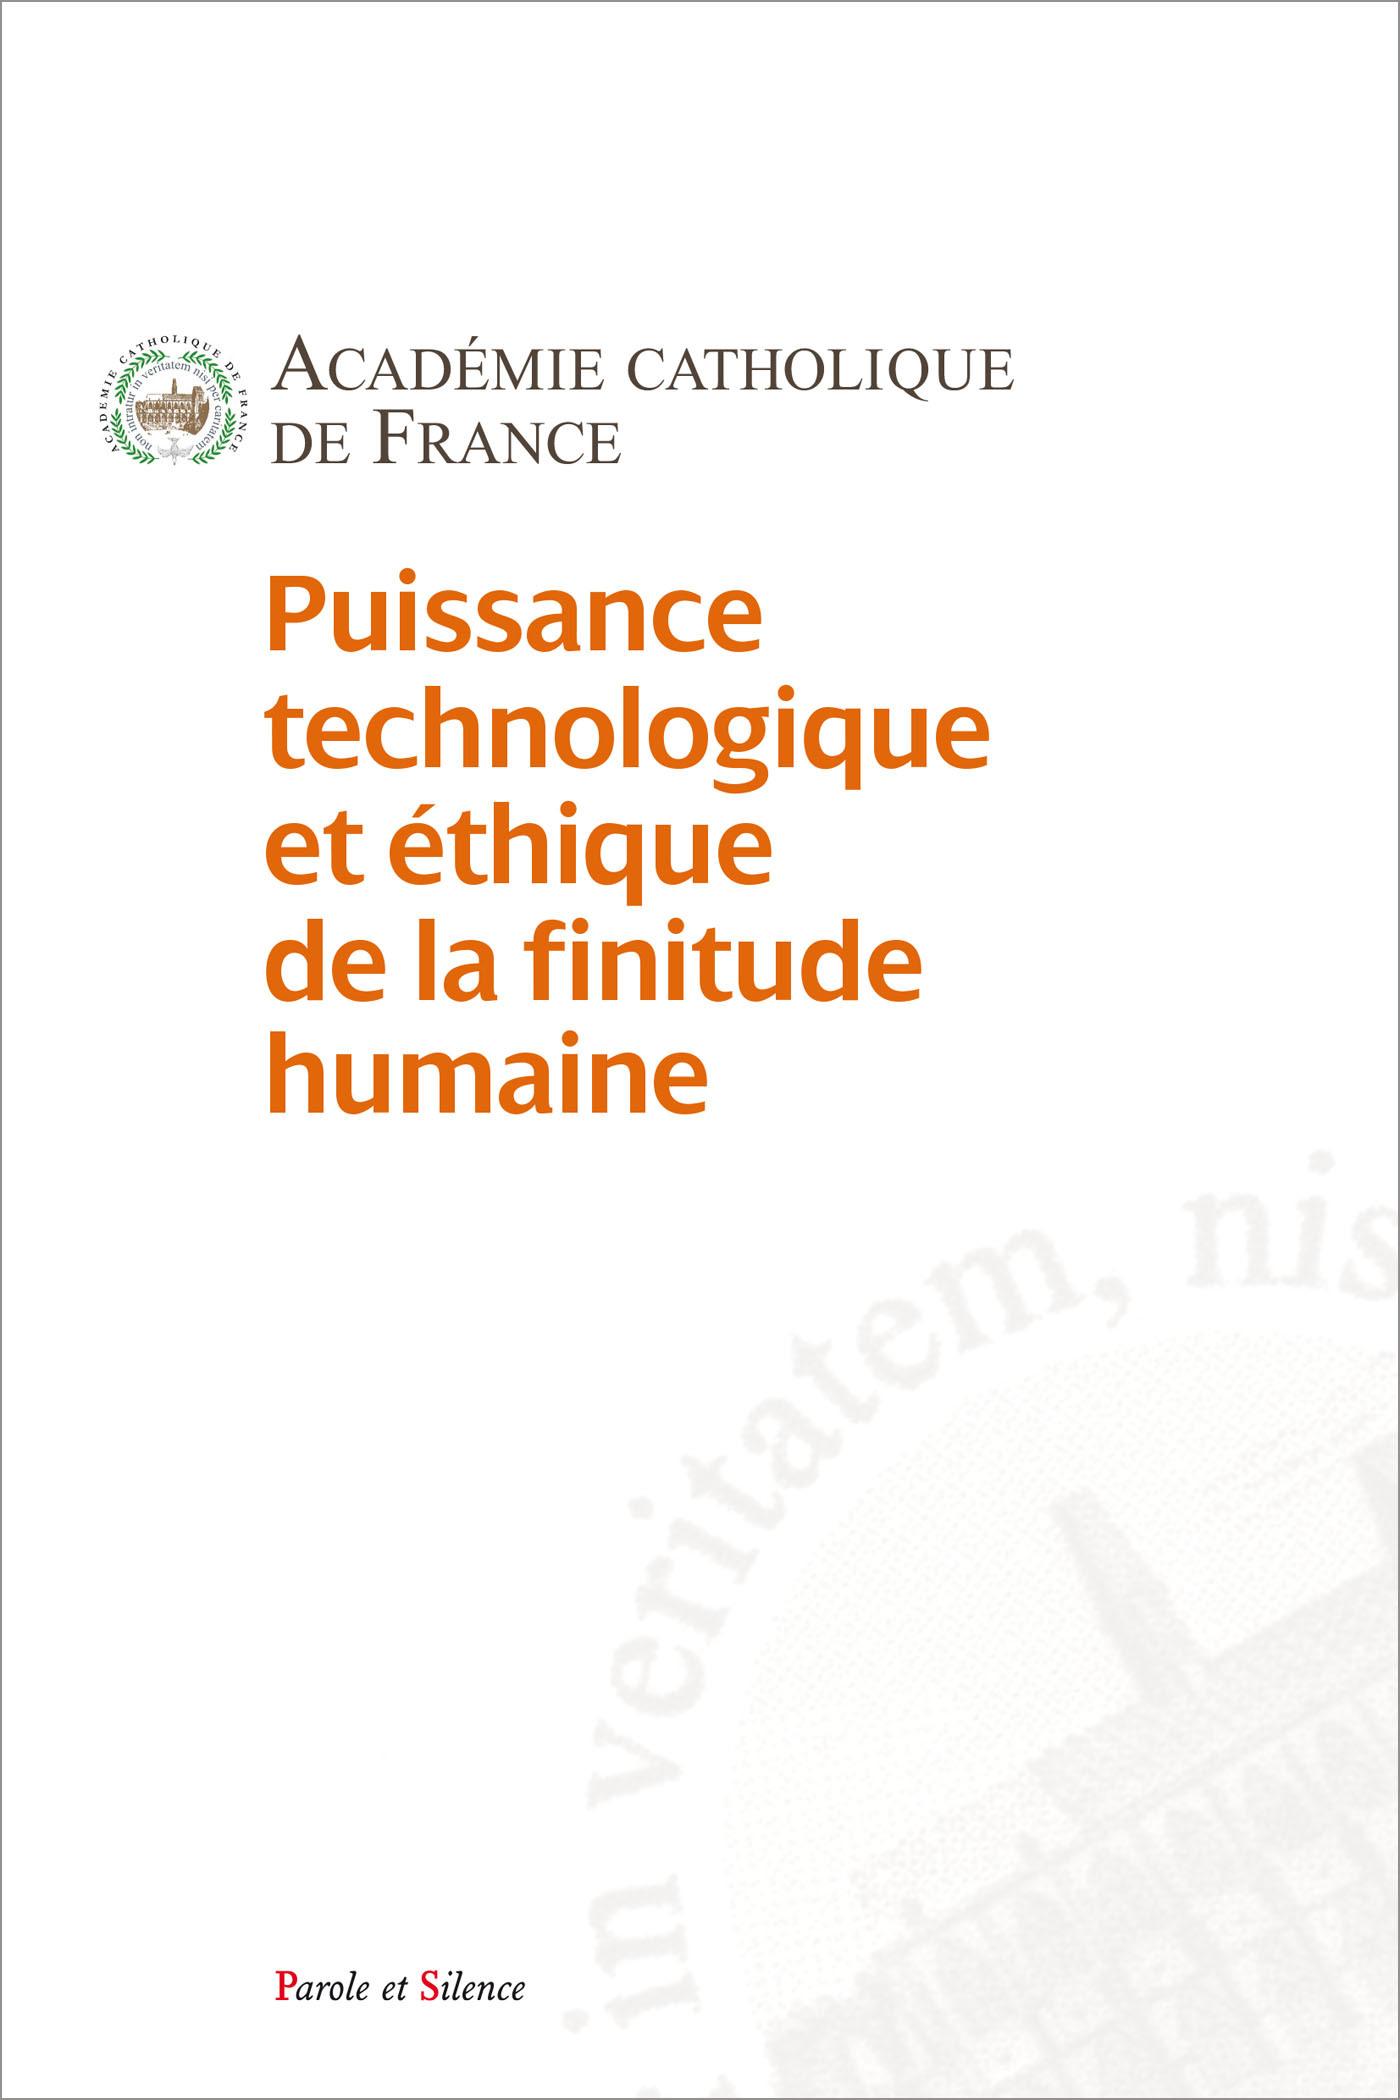 PUISSANCES TECHNOLOGIQUE ET ETHIQUE DE LA FINITUDE HUMAINE. - COMMENT CONCILIER GRANDEUR DE L'HOMME